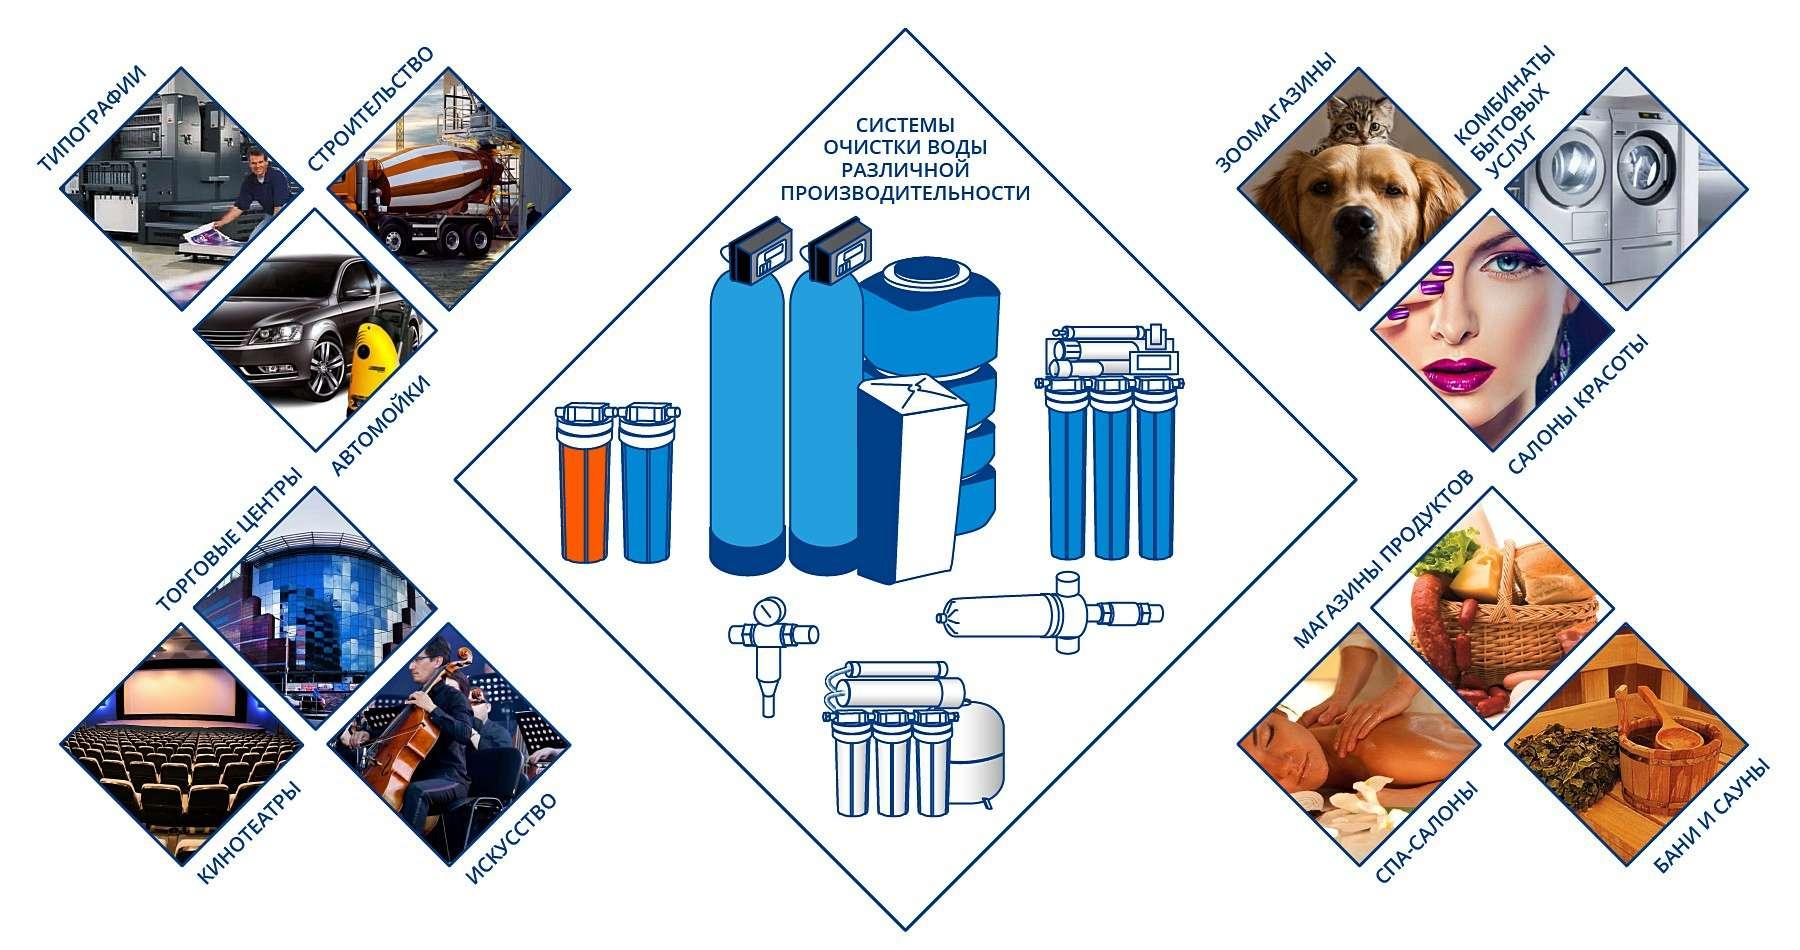 Водоподготовка для розничной торговли и бытового обслуживания